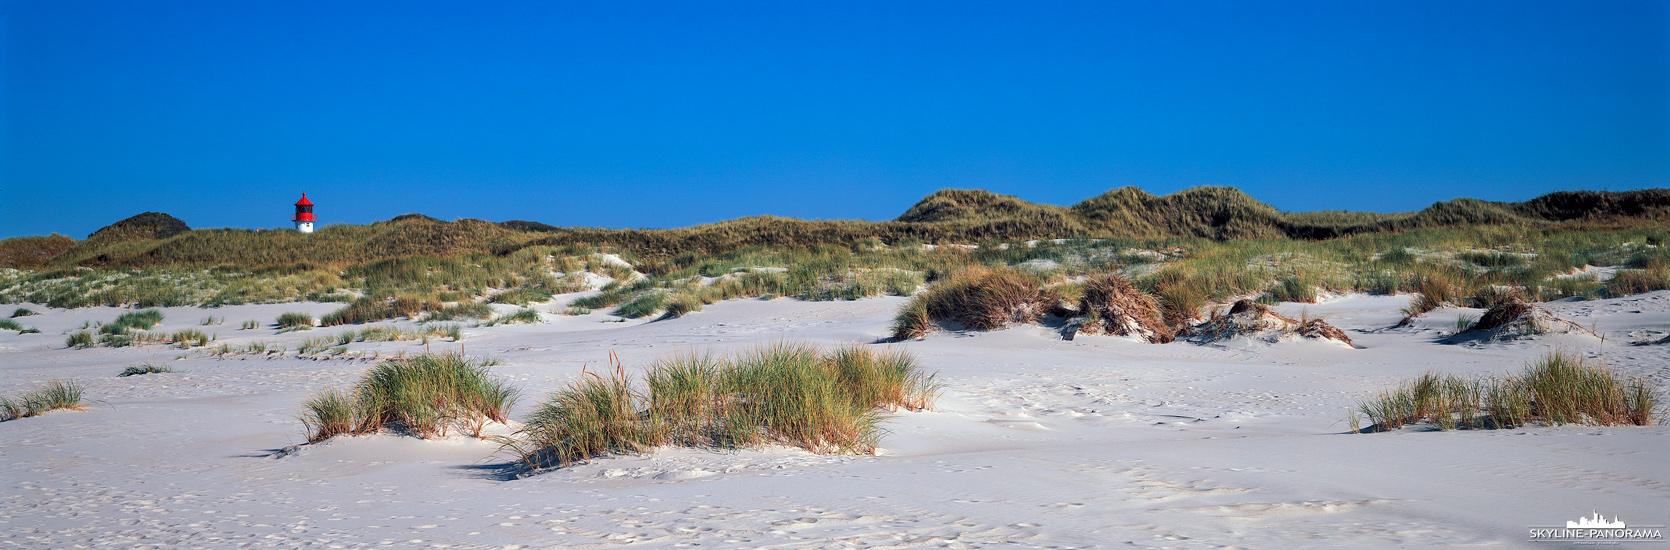 Strand von Amrum mit Quermarkenfeuer (p_01206)